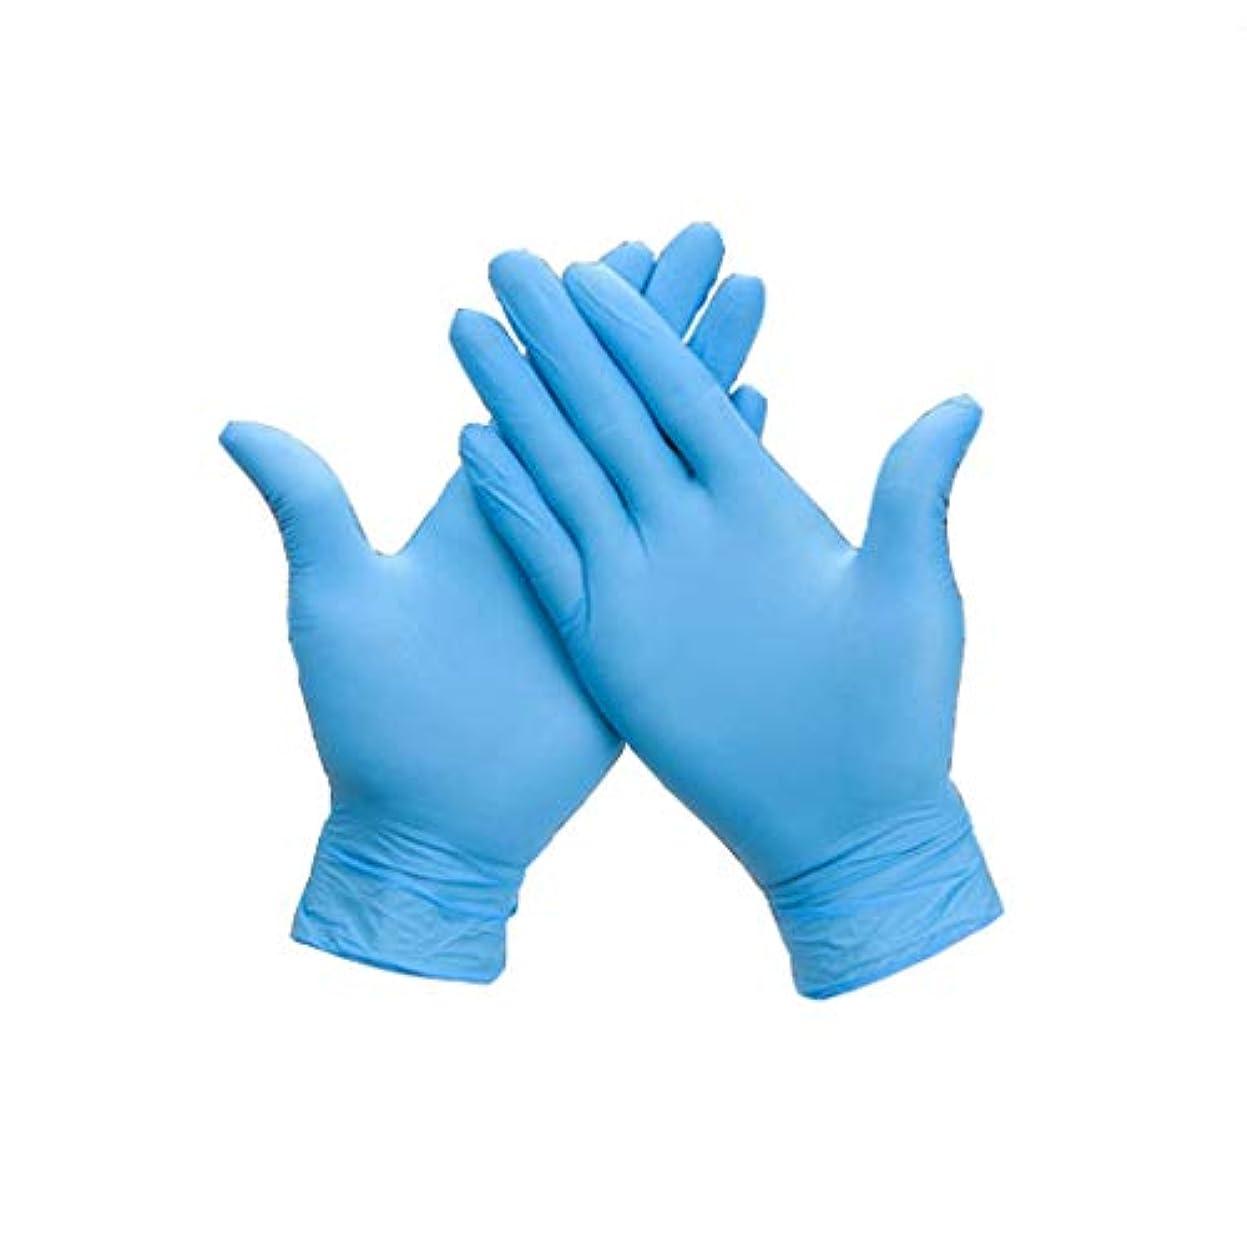 ロール急ぐ賠償手袋使い捨ての健康診断ニトリル手袋食品グレード輸入青粉フリー丁清の手袋200 (サイズ さいず : L l)